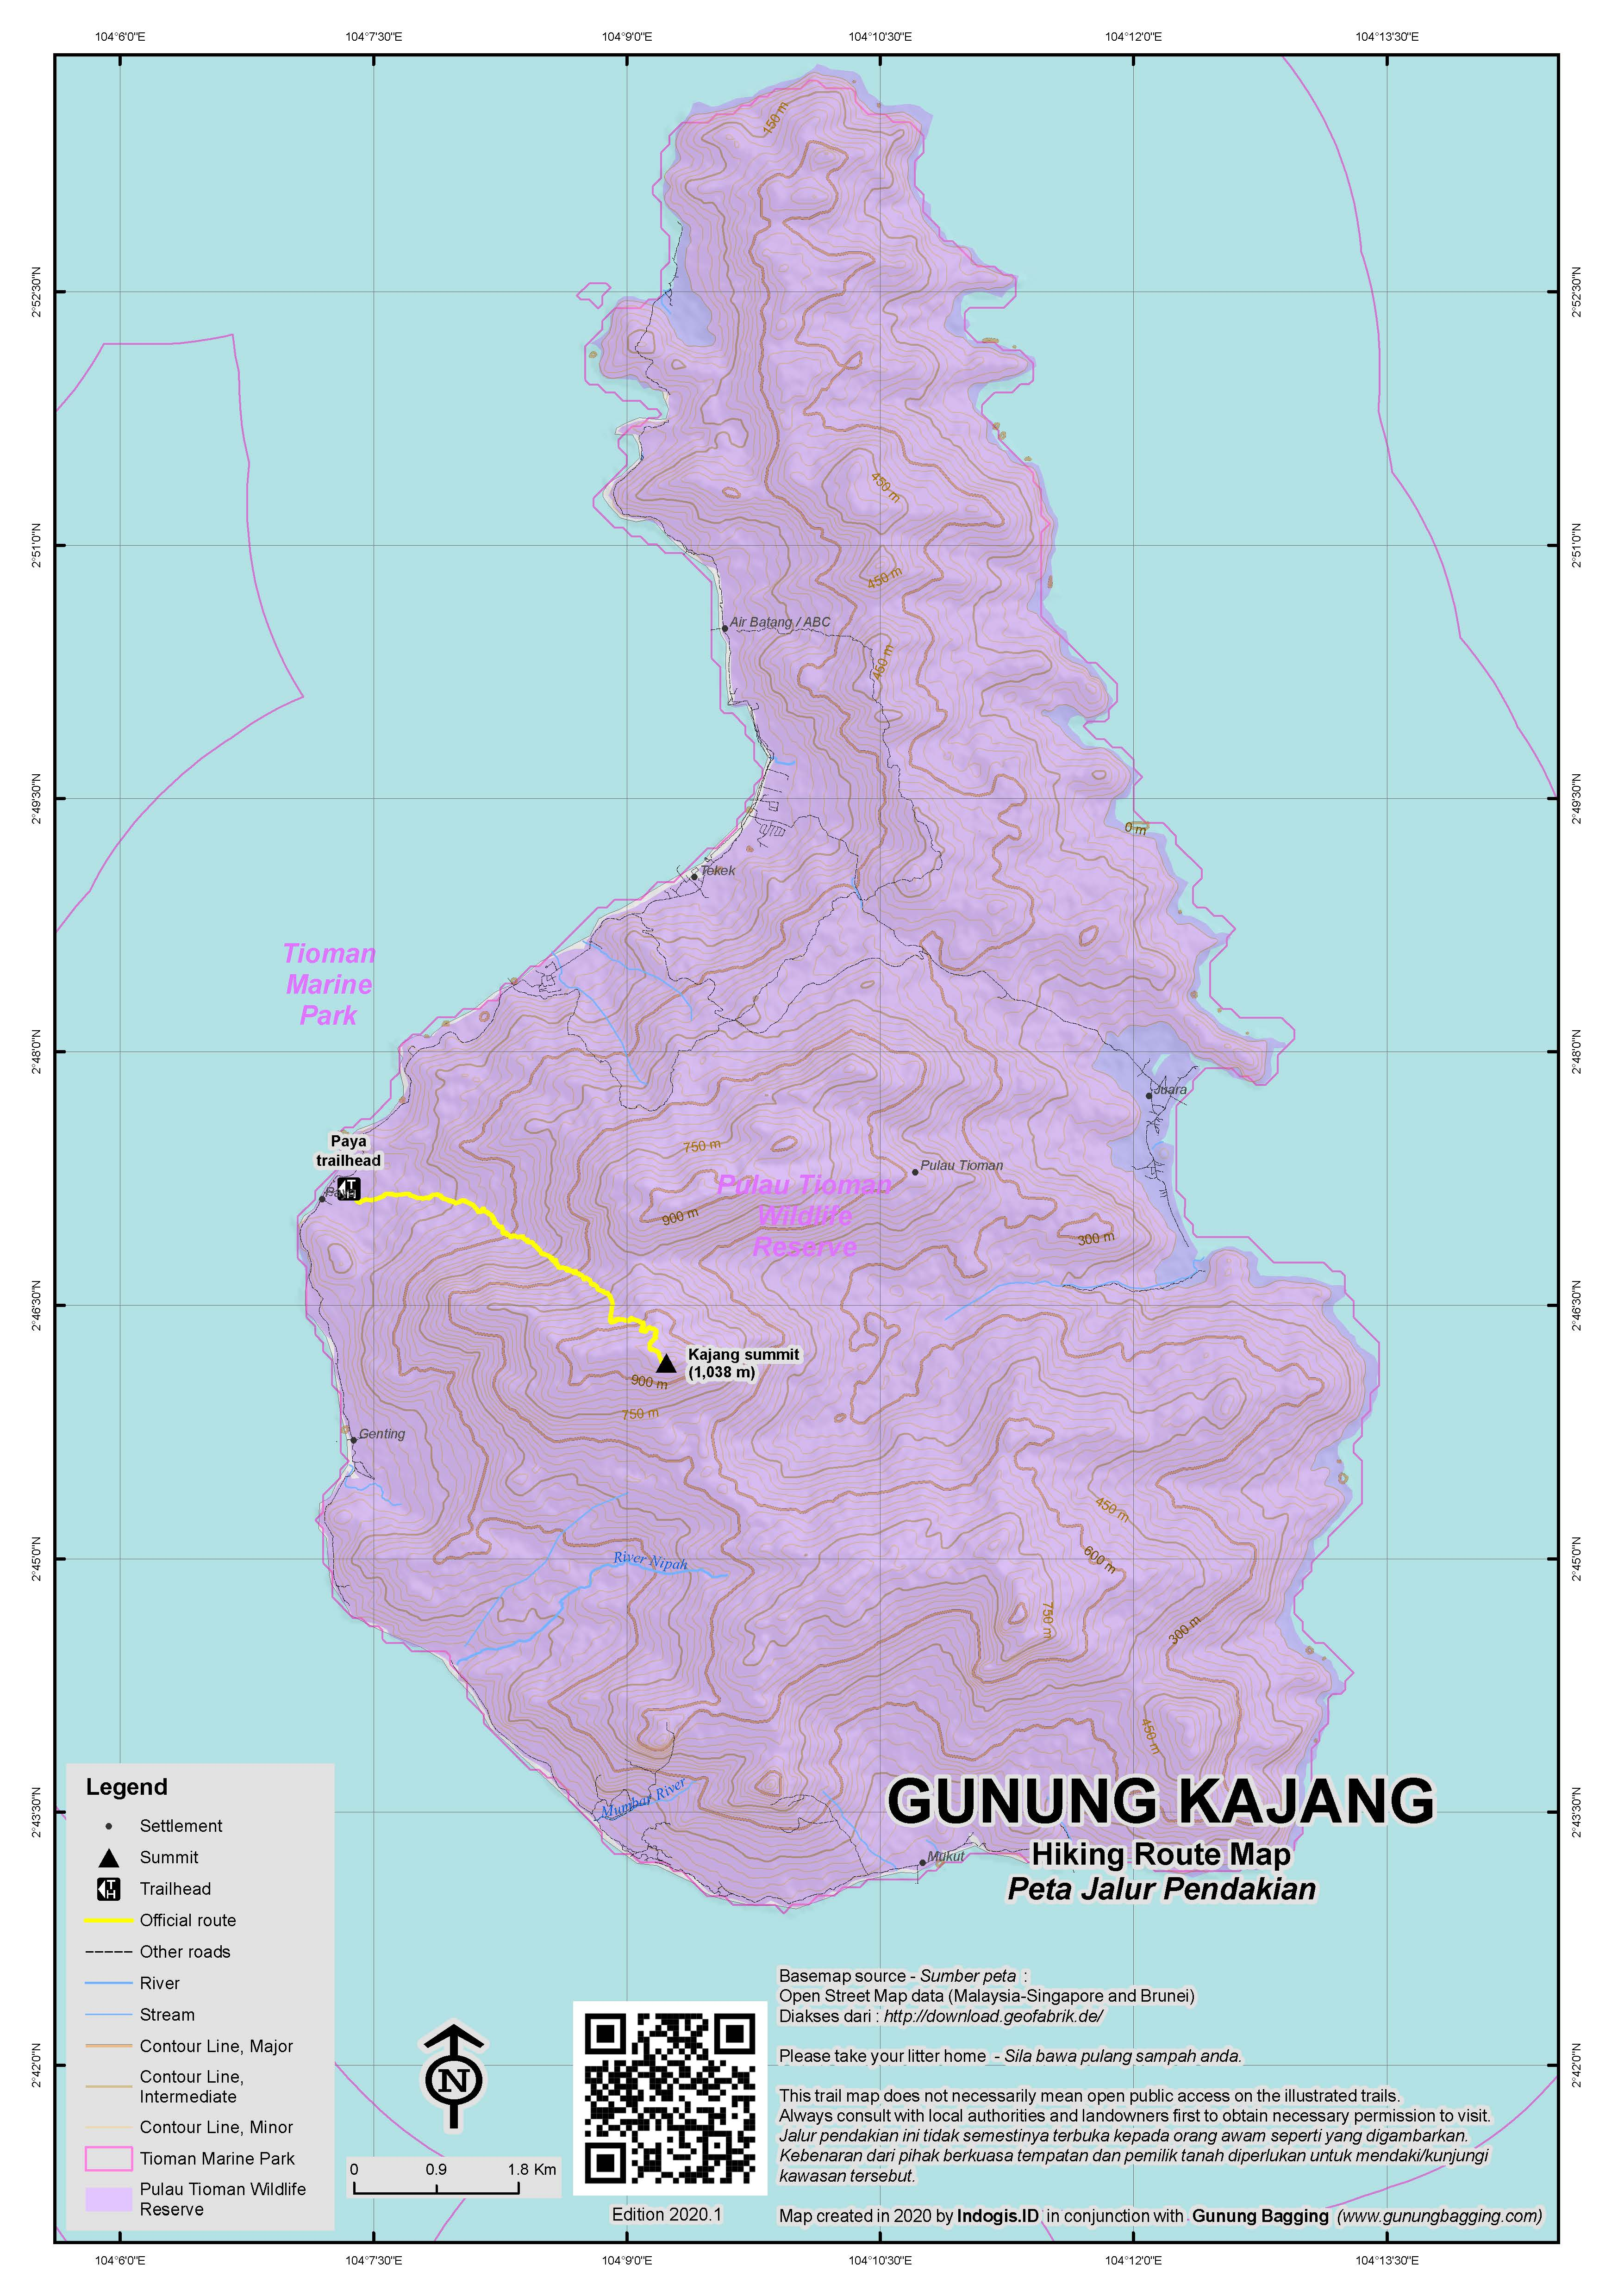 Peta Jalur Pendakian Gunung Kajang